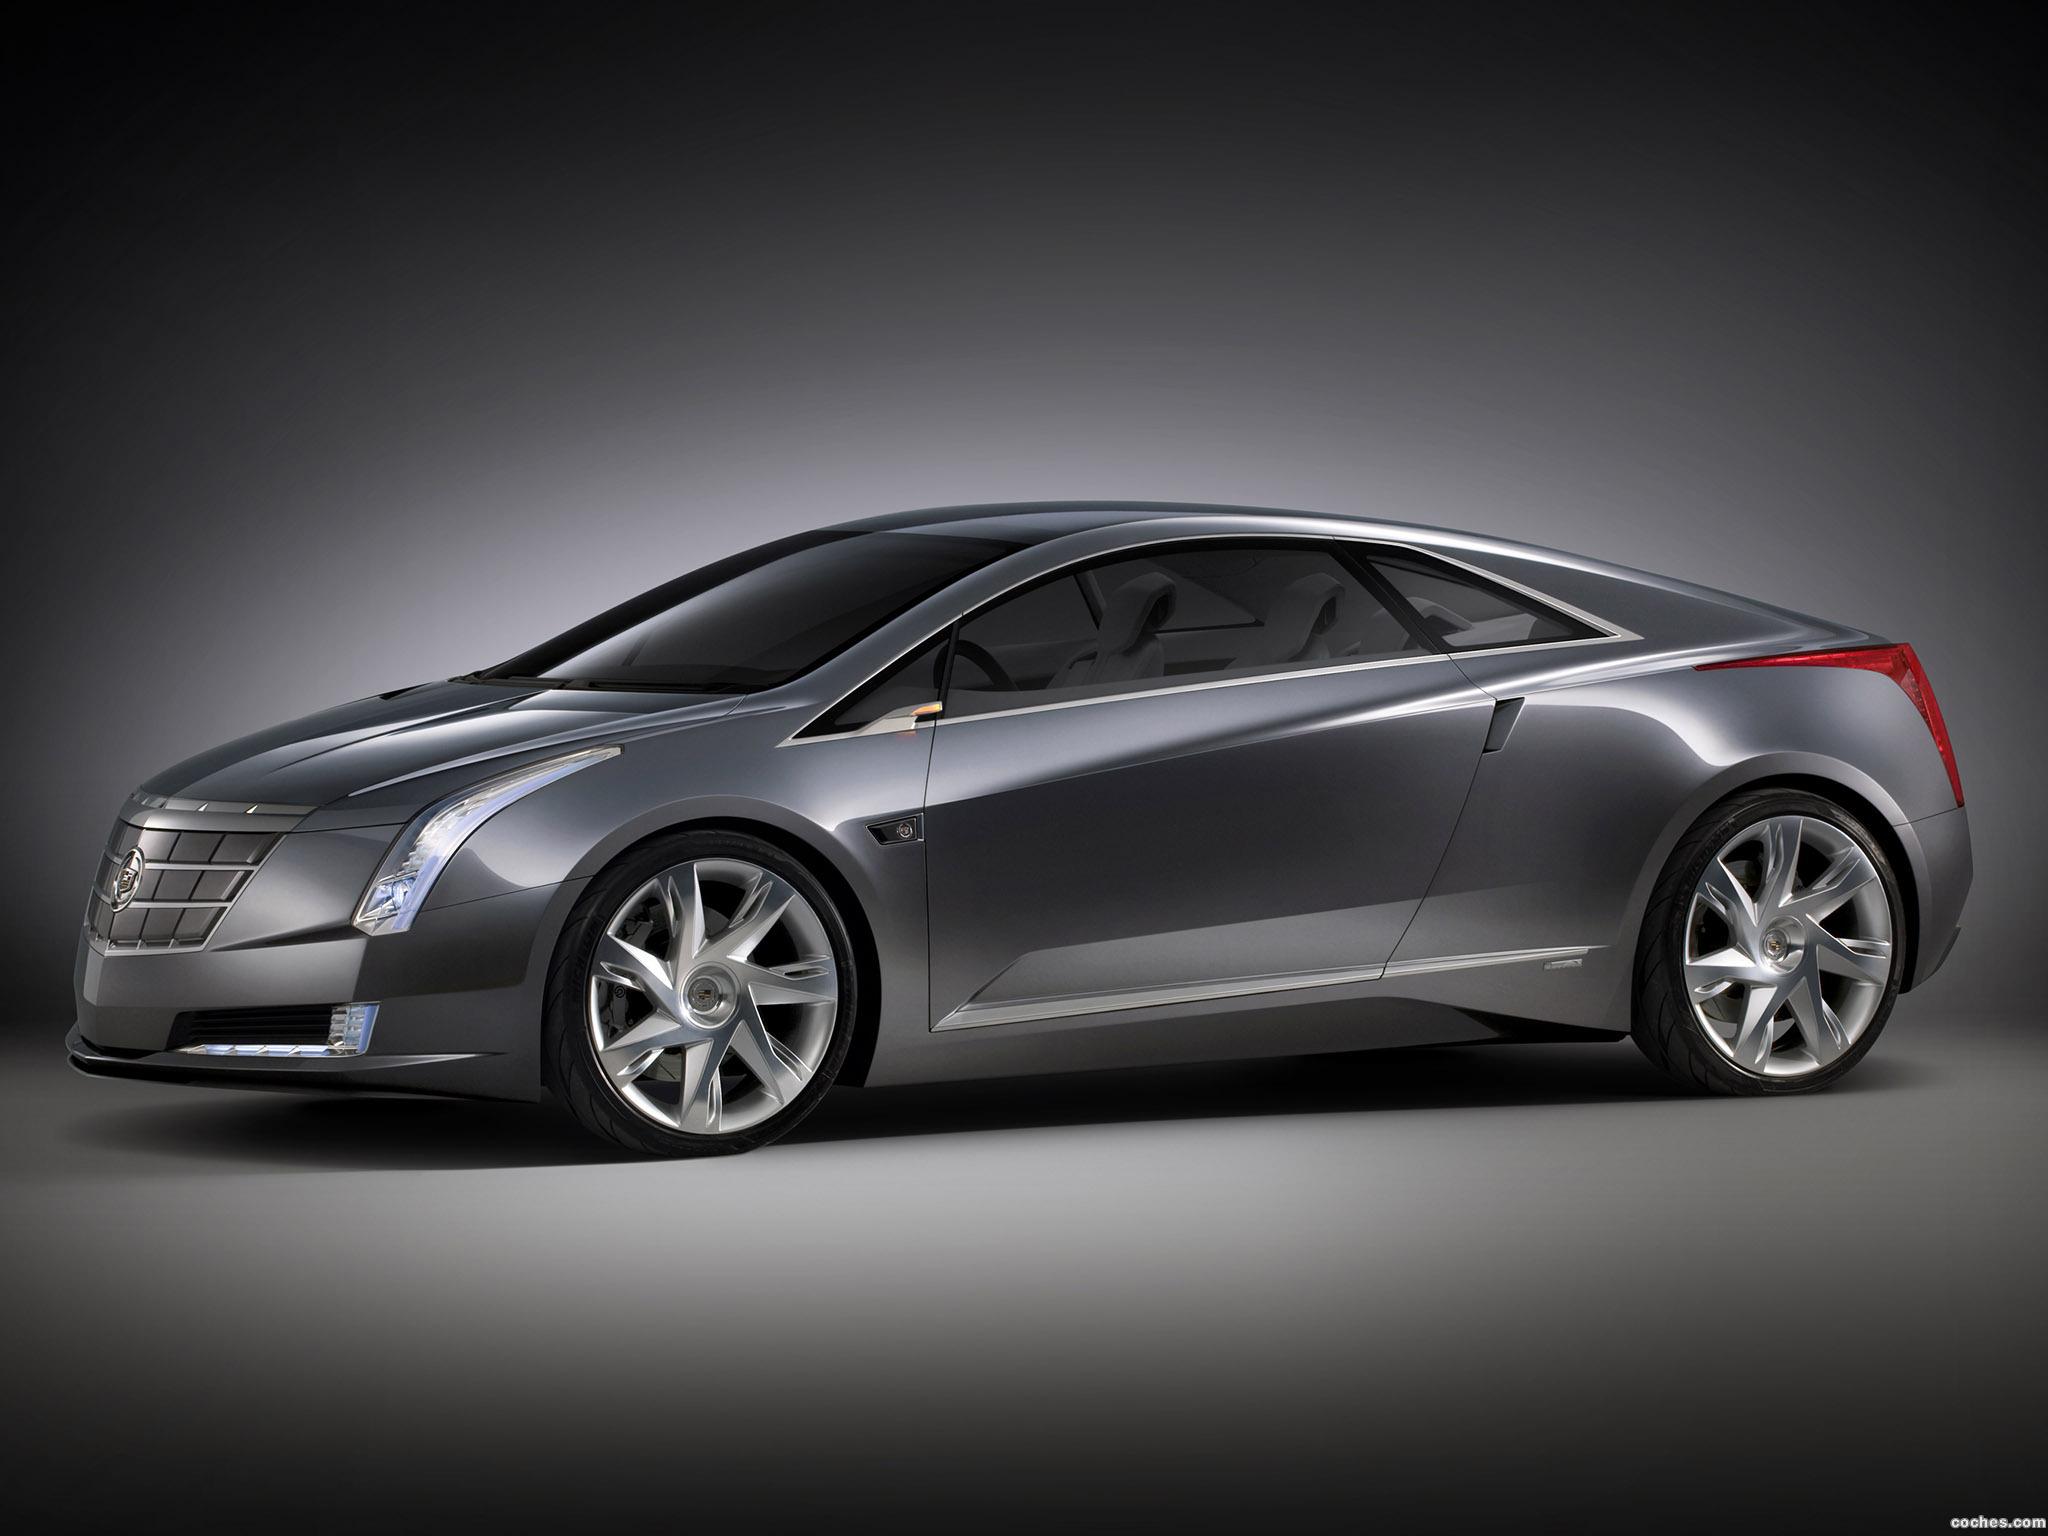 Foto 0 de Cadillac Converj Concept 2009